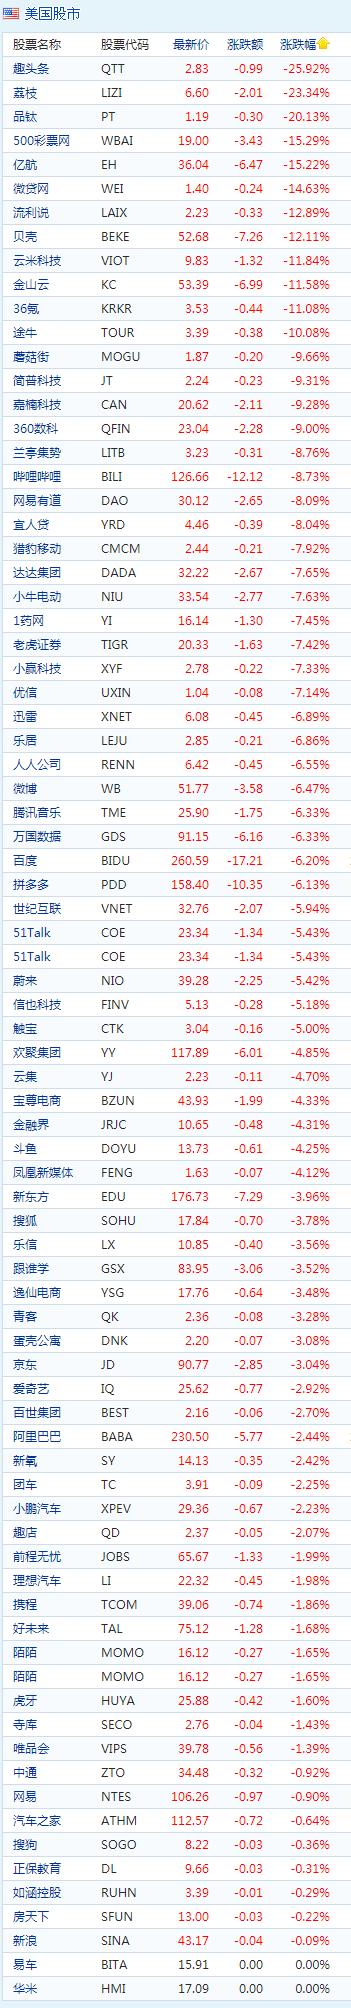 周四收盘中概股集体下挫 趣头条跌近26% B站跌超8%